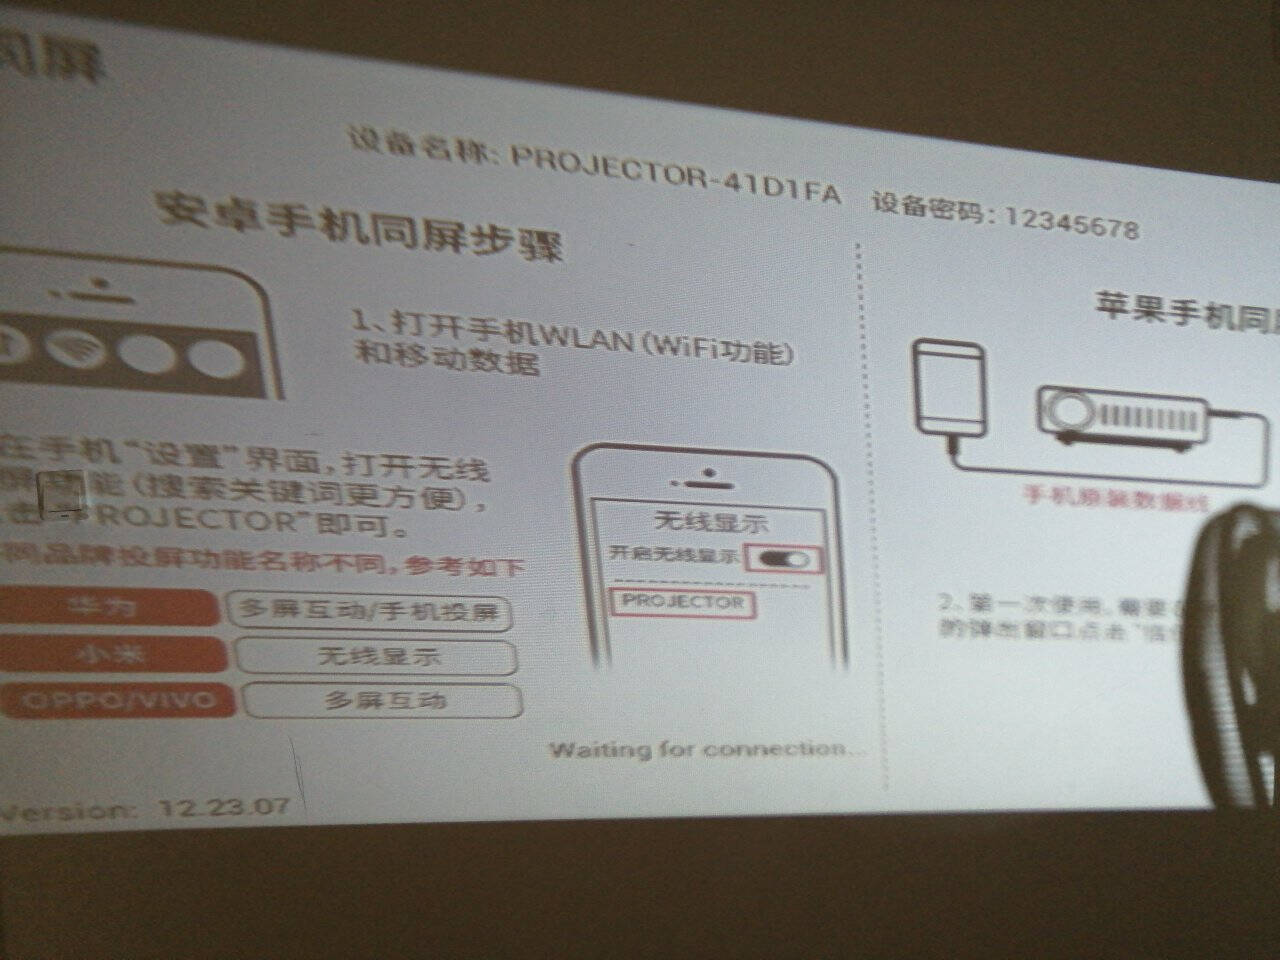 【升级版】瑞视达T1手机投影仪家用迷你全高清微型3D小型投影机便携式办公1080P智能电视家庭影院升级版白色